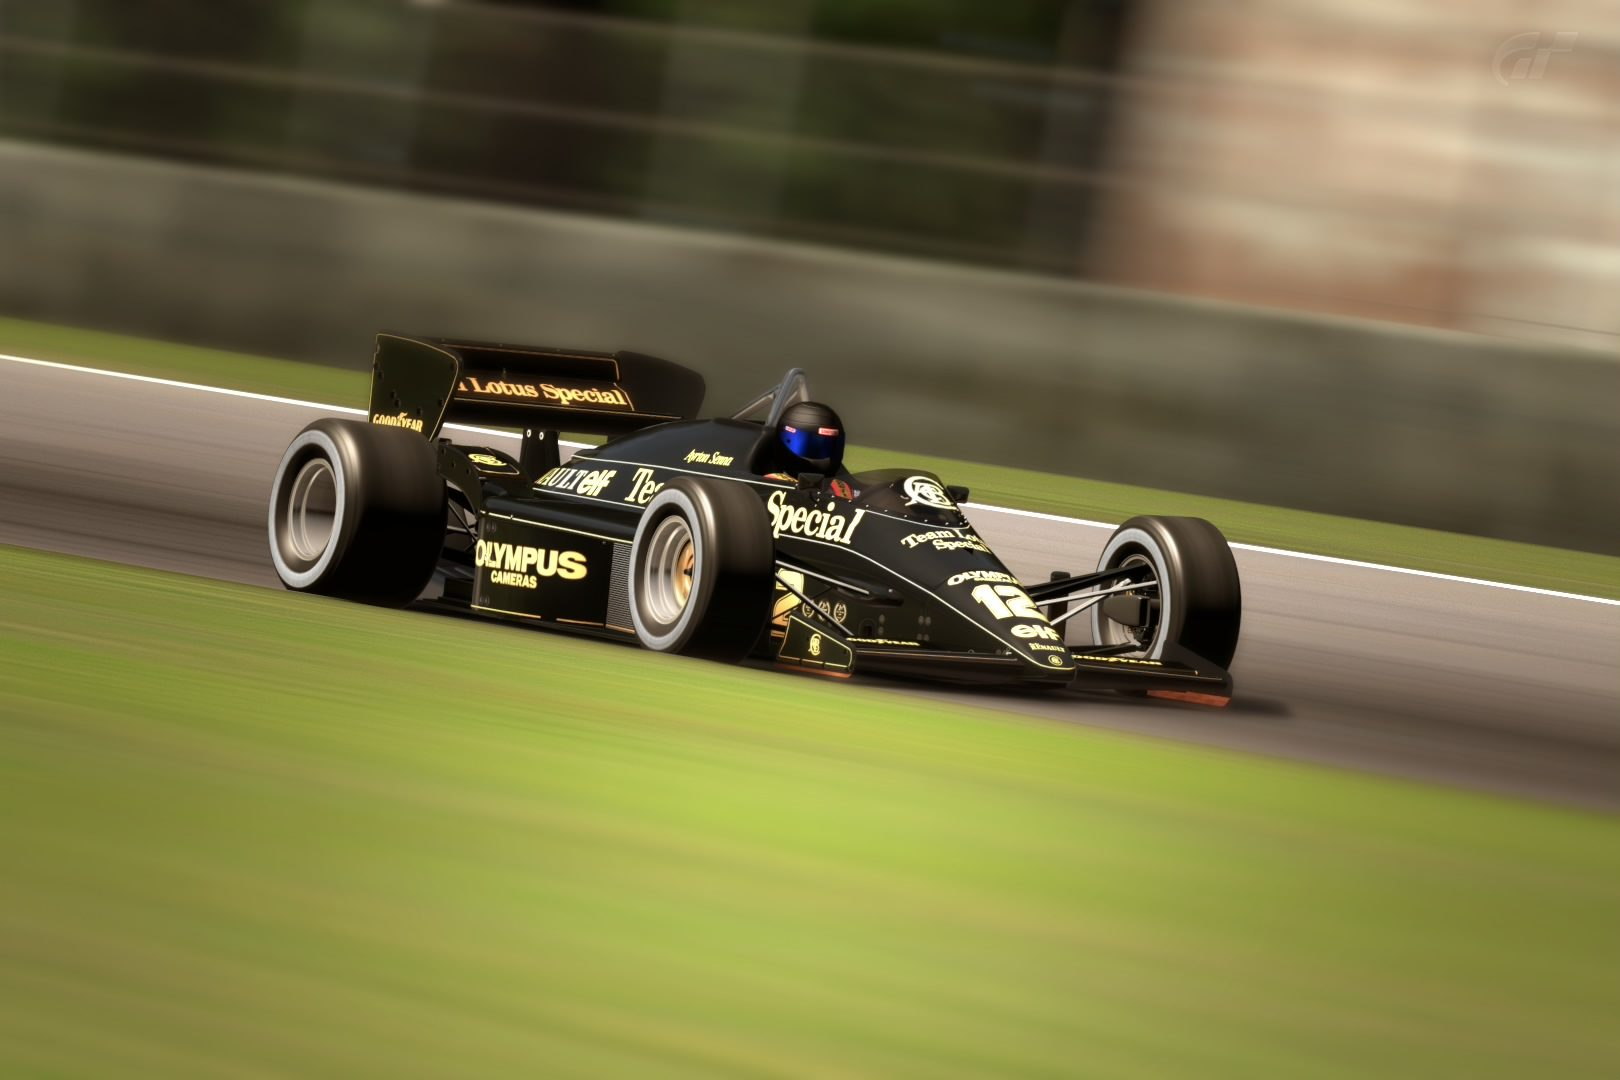 Lotus 97T '85 (Car).jpg